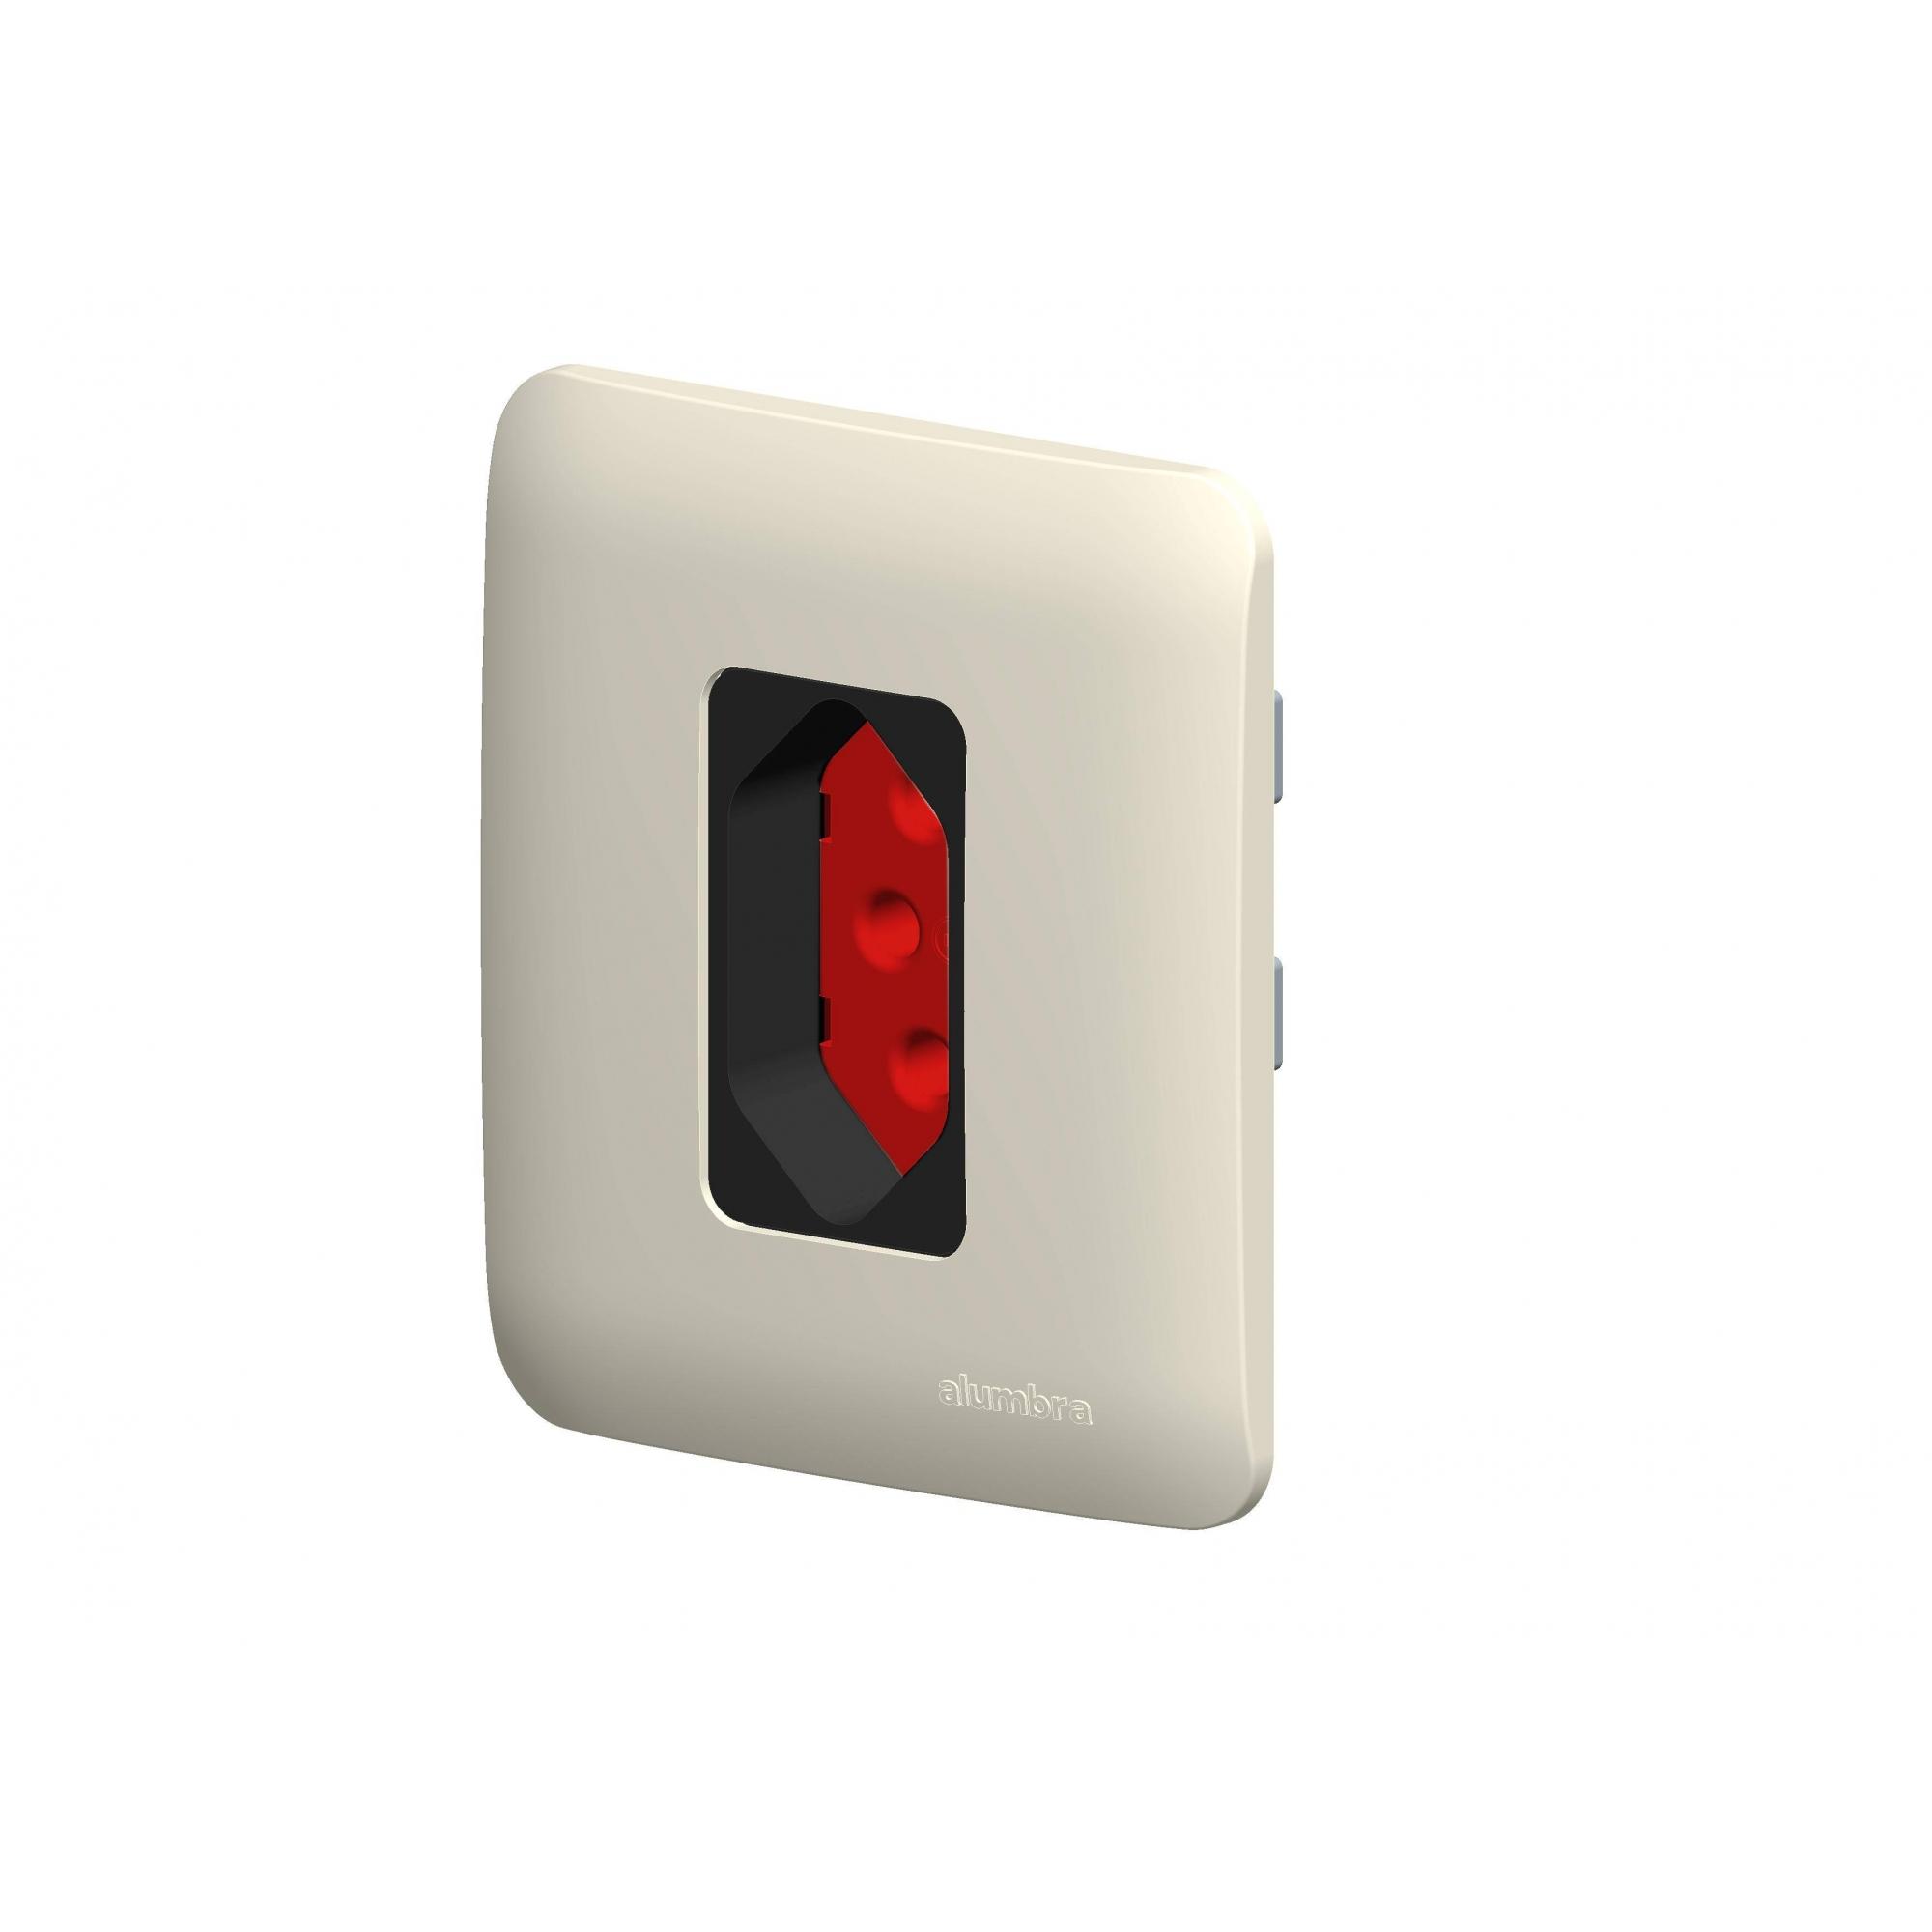 Conjunto De Sobrepor  1 Tomada 2P+T 20A Vermelha Com  Placa - Alumbra - Linha A